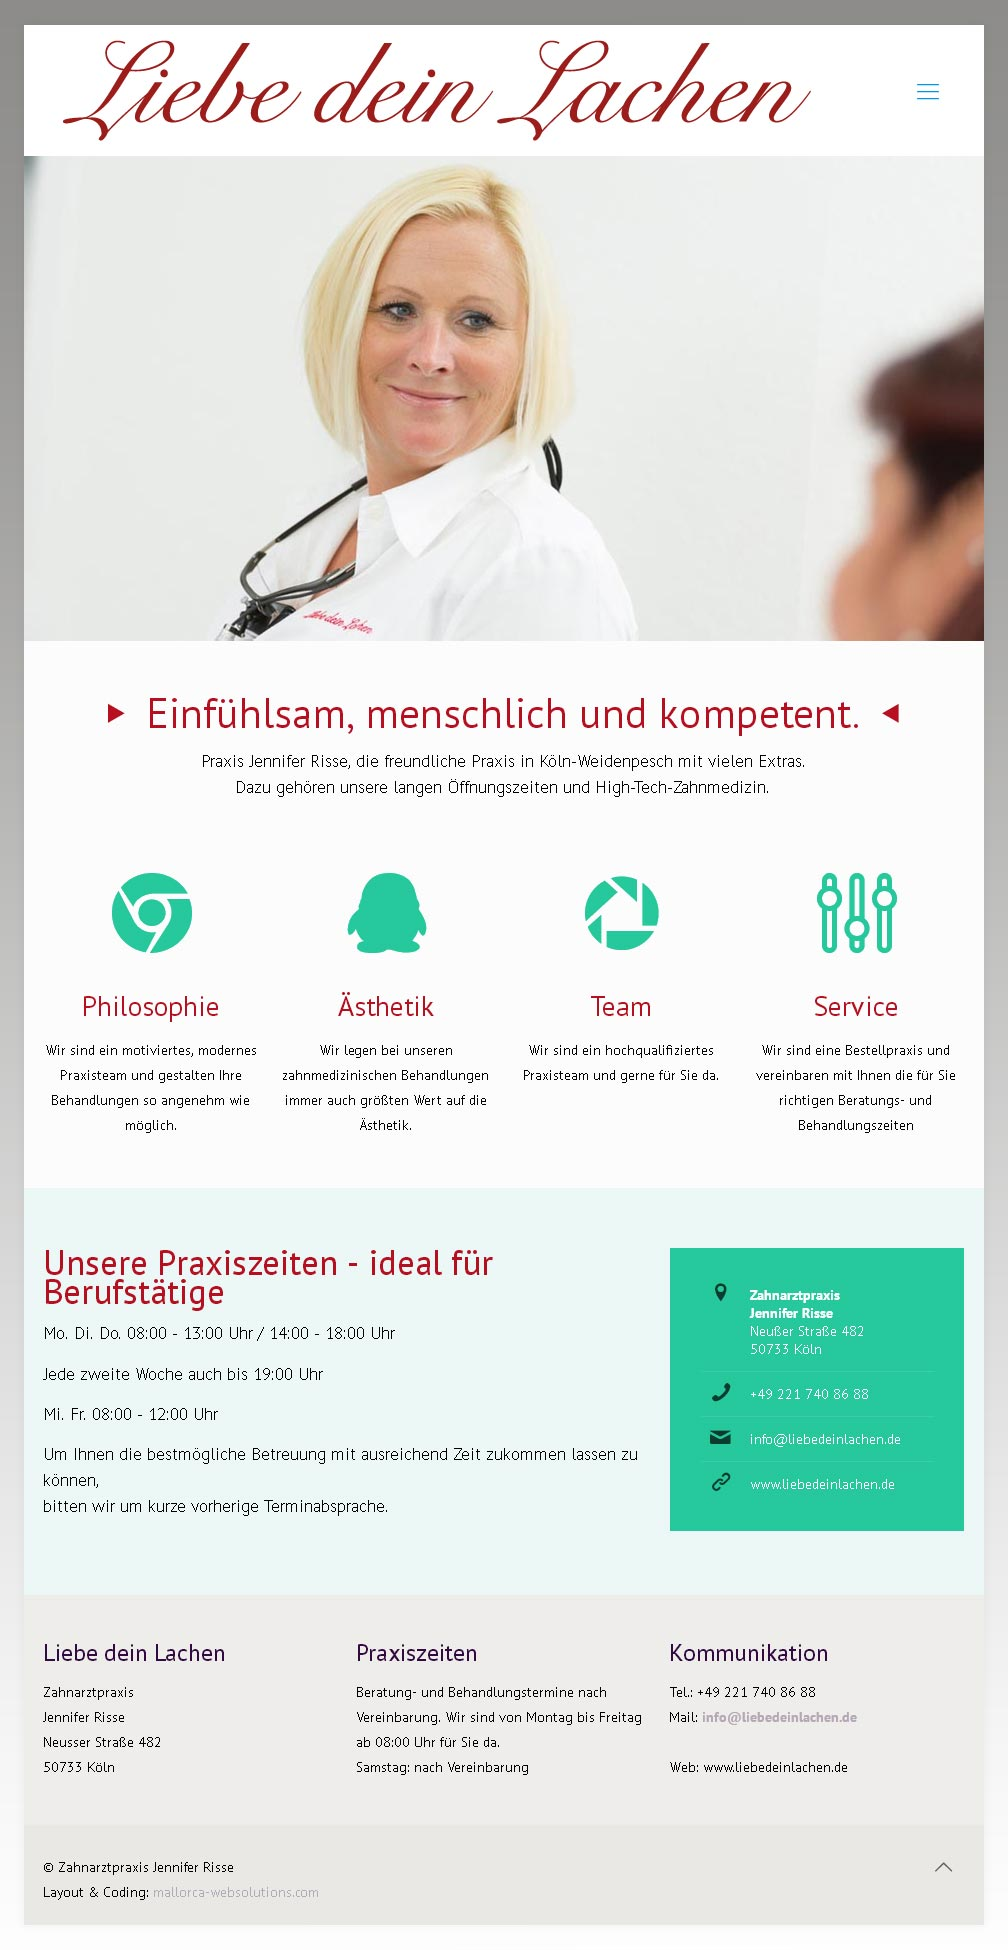 Kunde: ZA Jennifer Risse Entwicklung der CI, Grafik & Layout für Online & Printwerbung www.liebedeinlachen.de